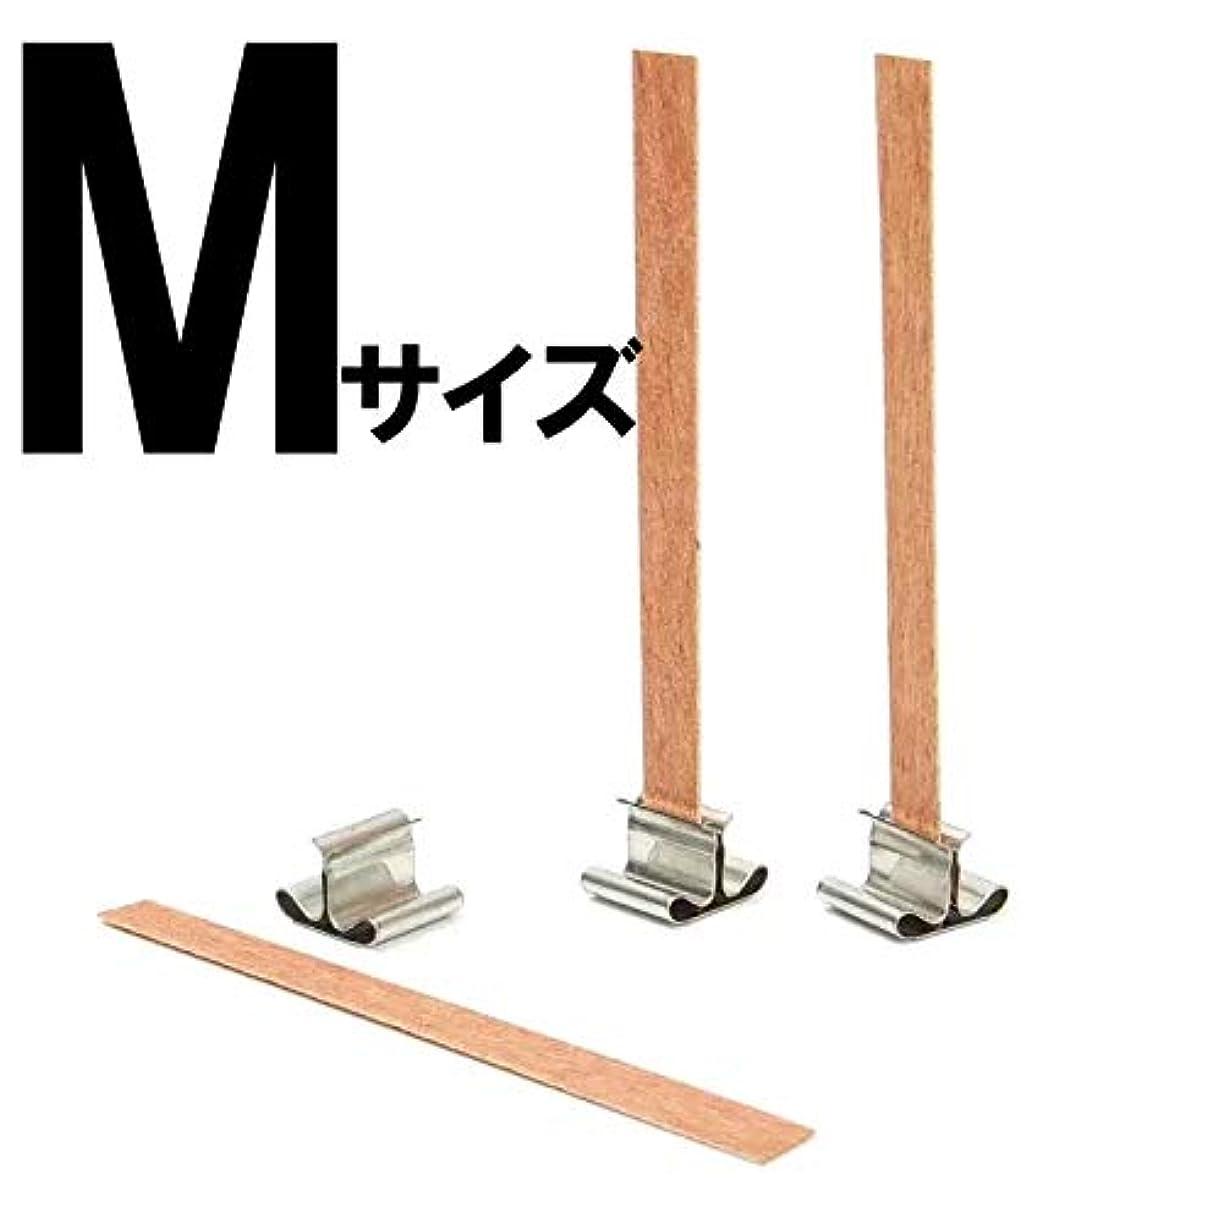 冷蔵する圧倒的樹木キャンドル用 木芯 ウッドウィック 座金付き Mサイズ (5本セット)